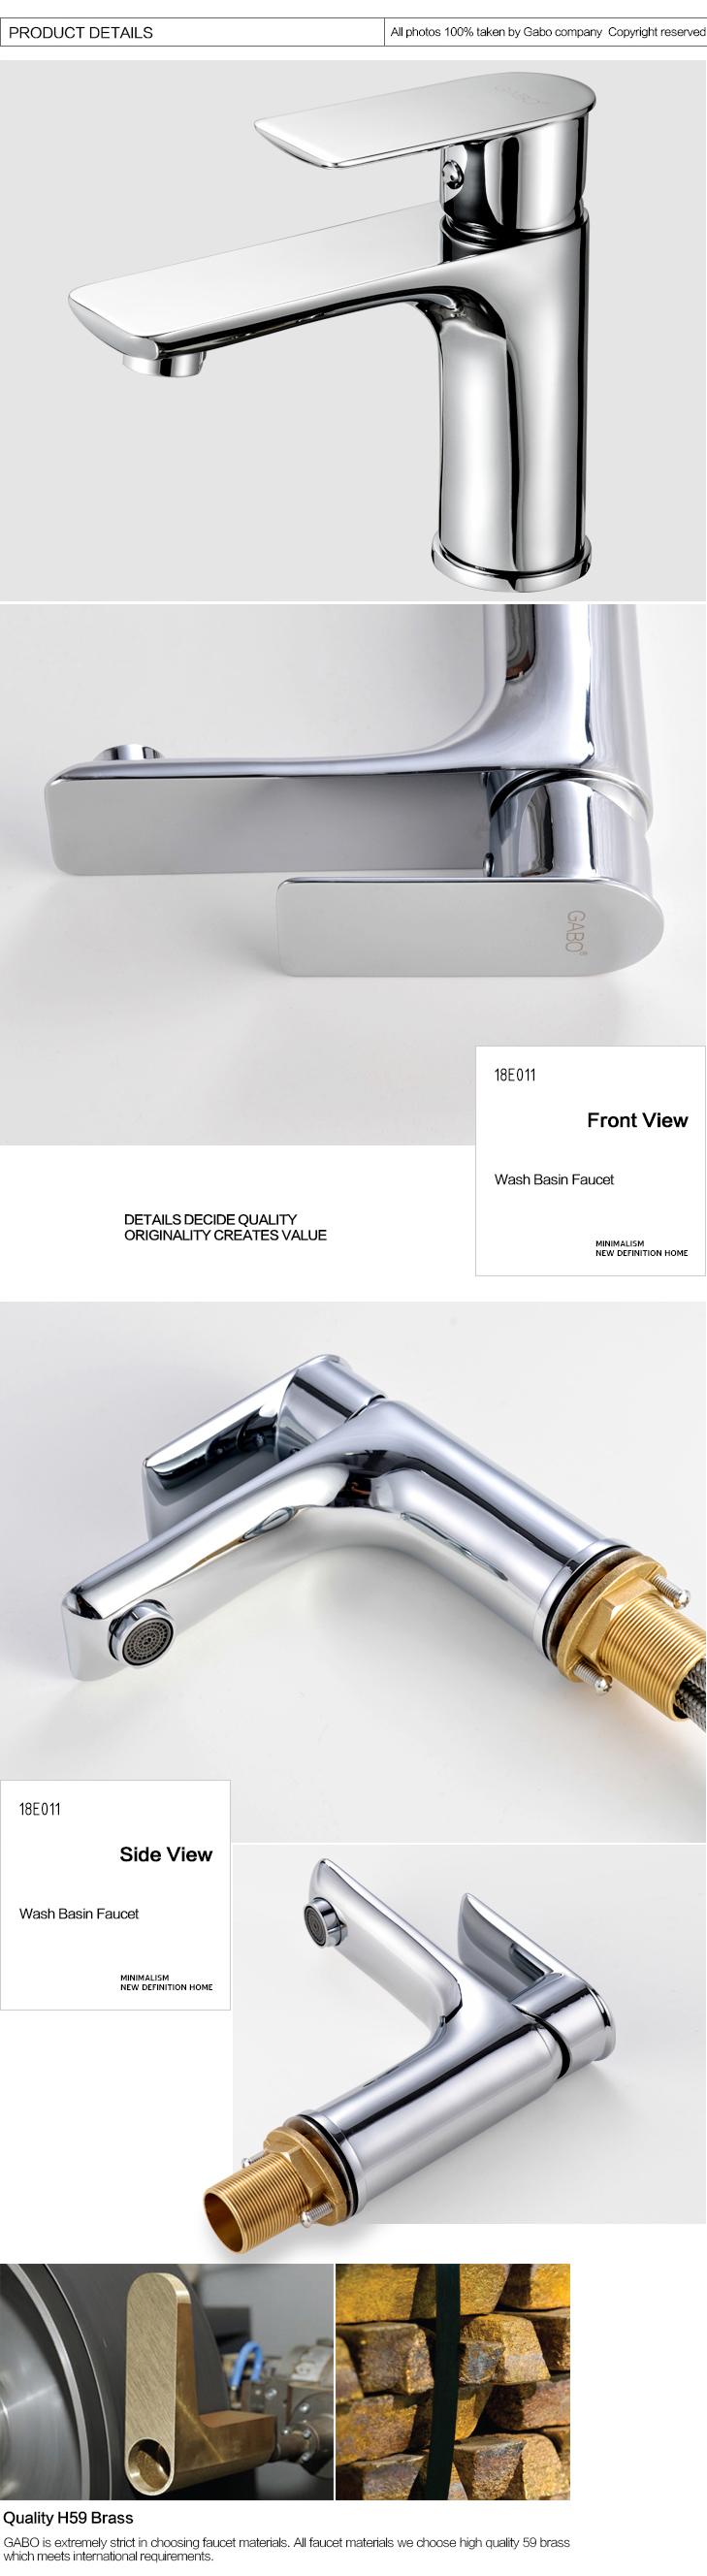 Low Lever Brass Faucets For Bathroom Plumbing Fixtures Buy